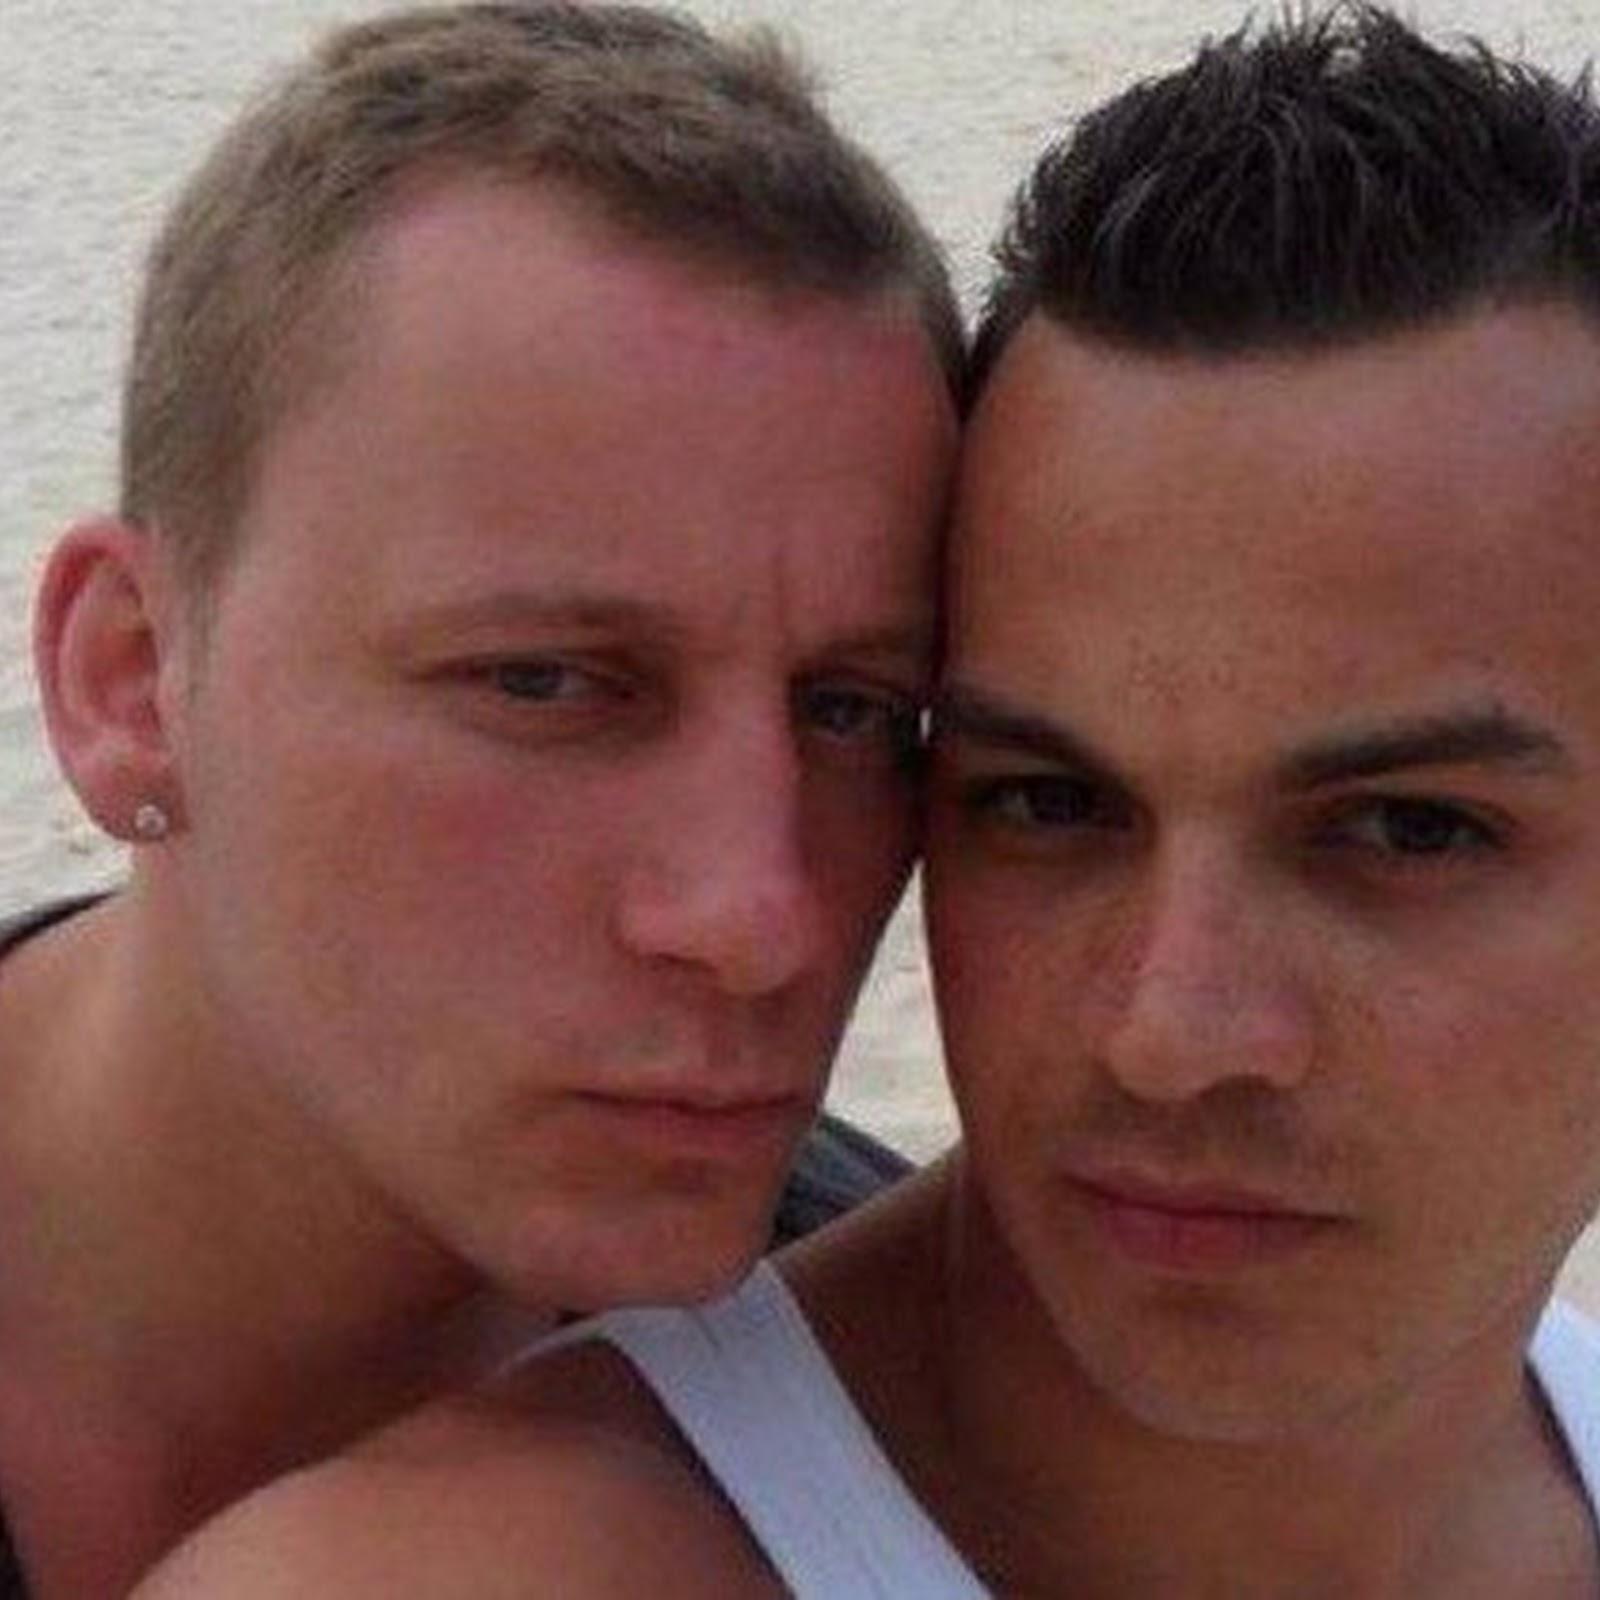 Heterossexuais da Holanda estão andando de mãos dadas em protesto a agressão contra casal gay